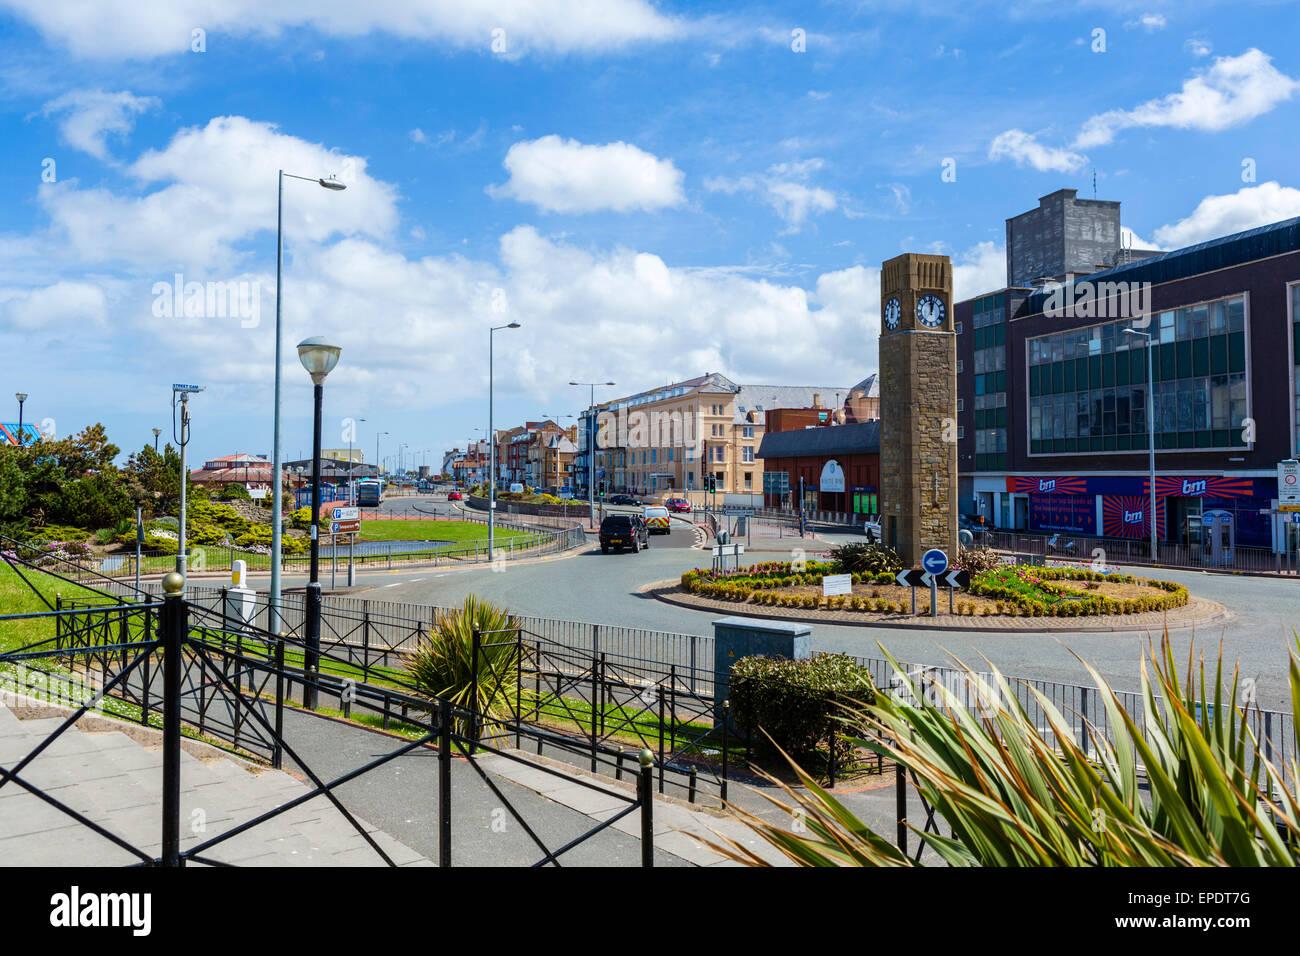 Vue vers le bas East Parade dans le centre ville, Rhyl, Denbighshire, Wales, UK Photo Stock